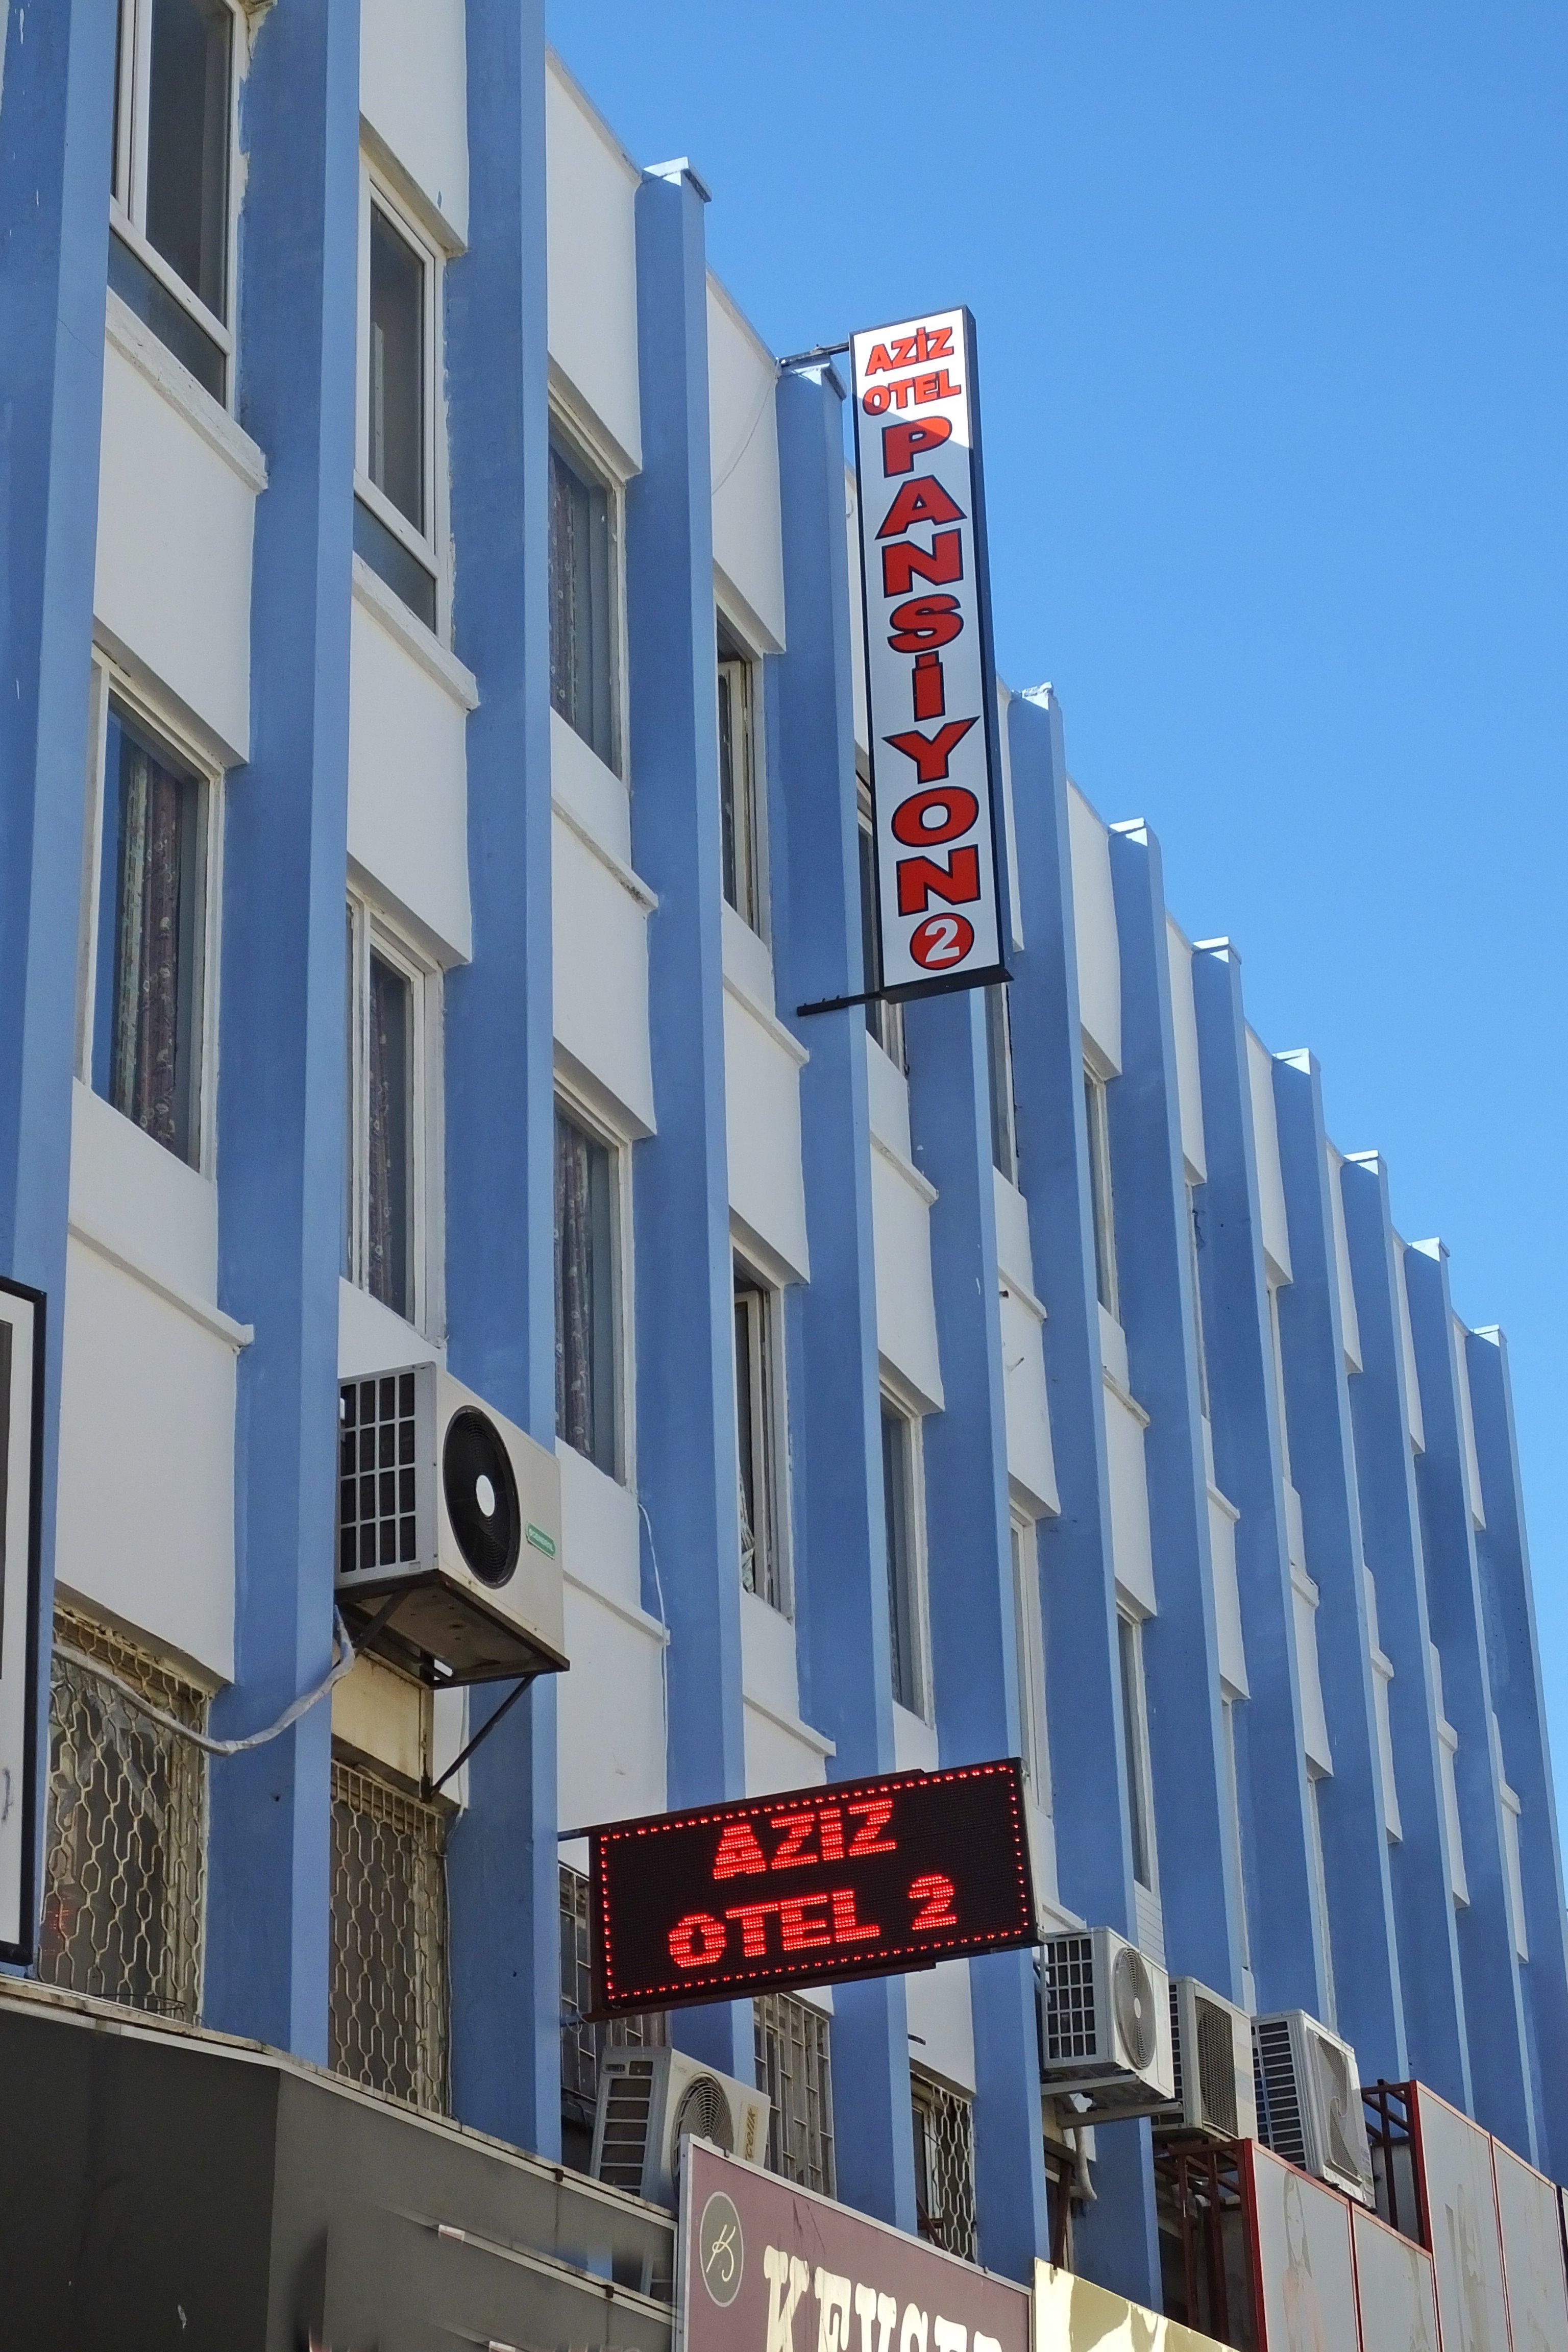 Aziz Hotel 2, Merkez